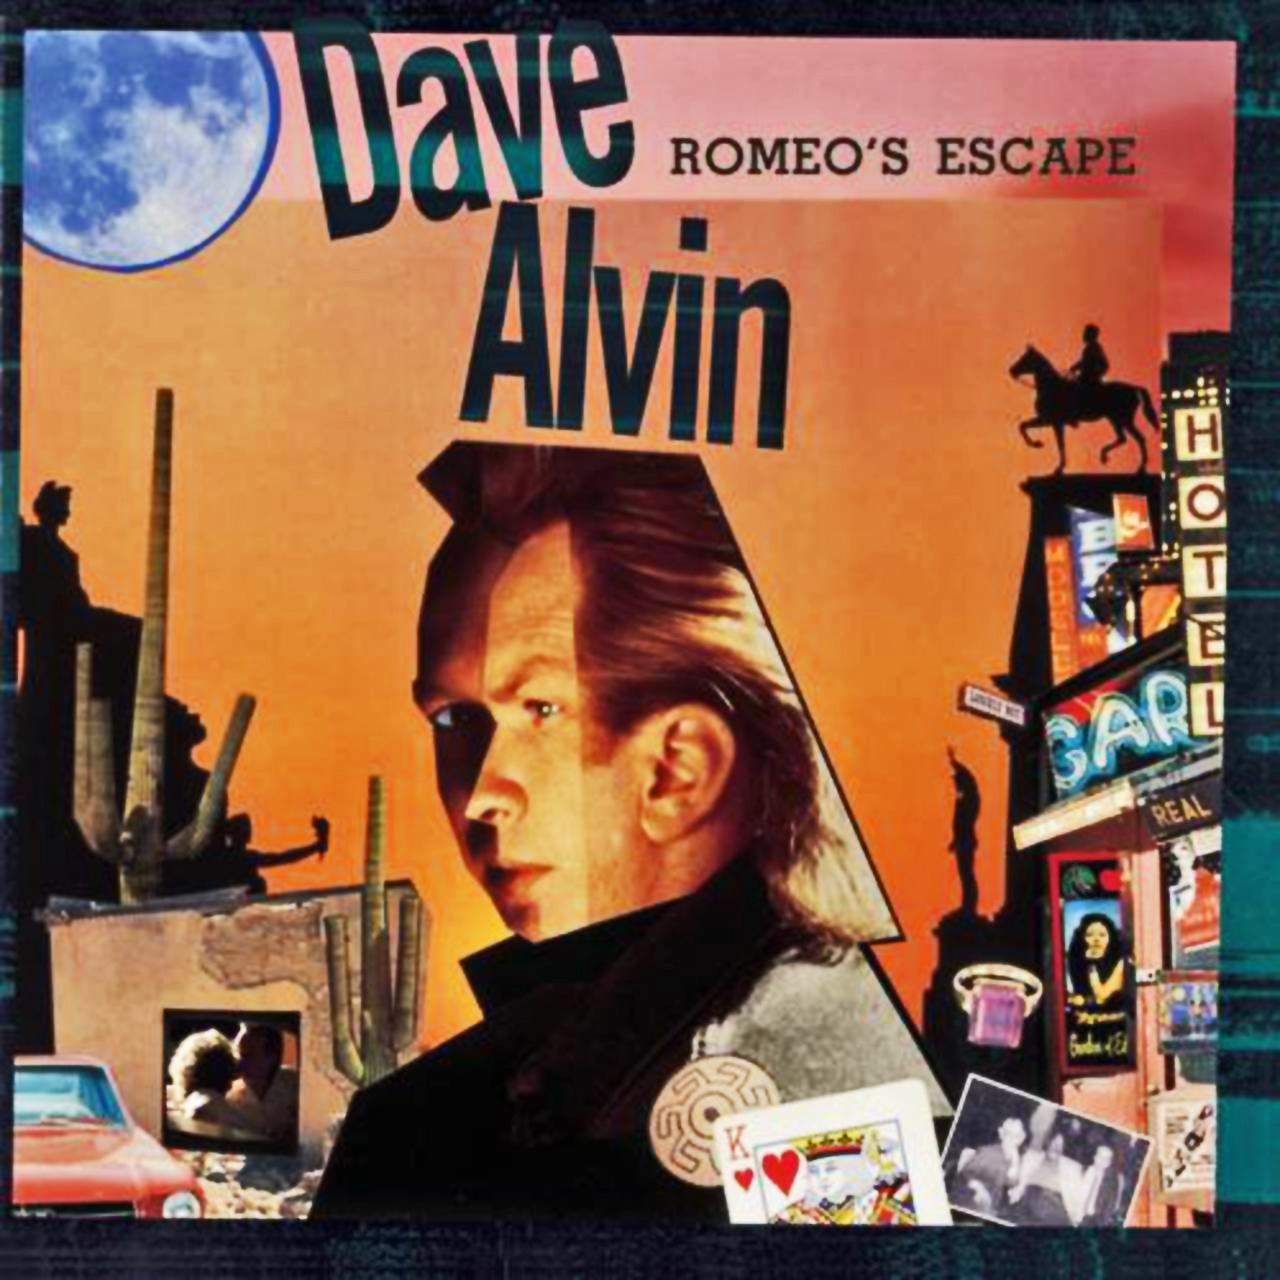 Dave Alvin – Romeo's Escape (Epic, 1987). Cover art by Lou Beach.